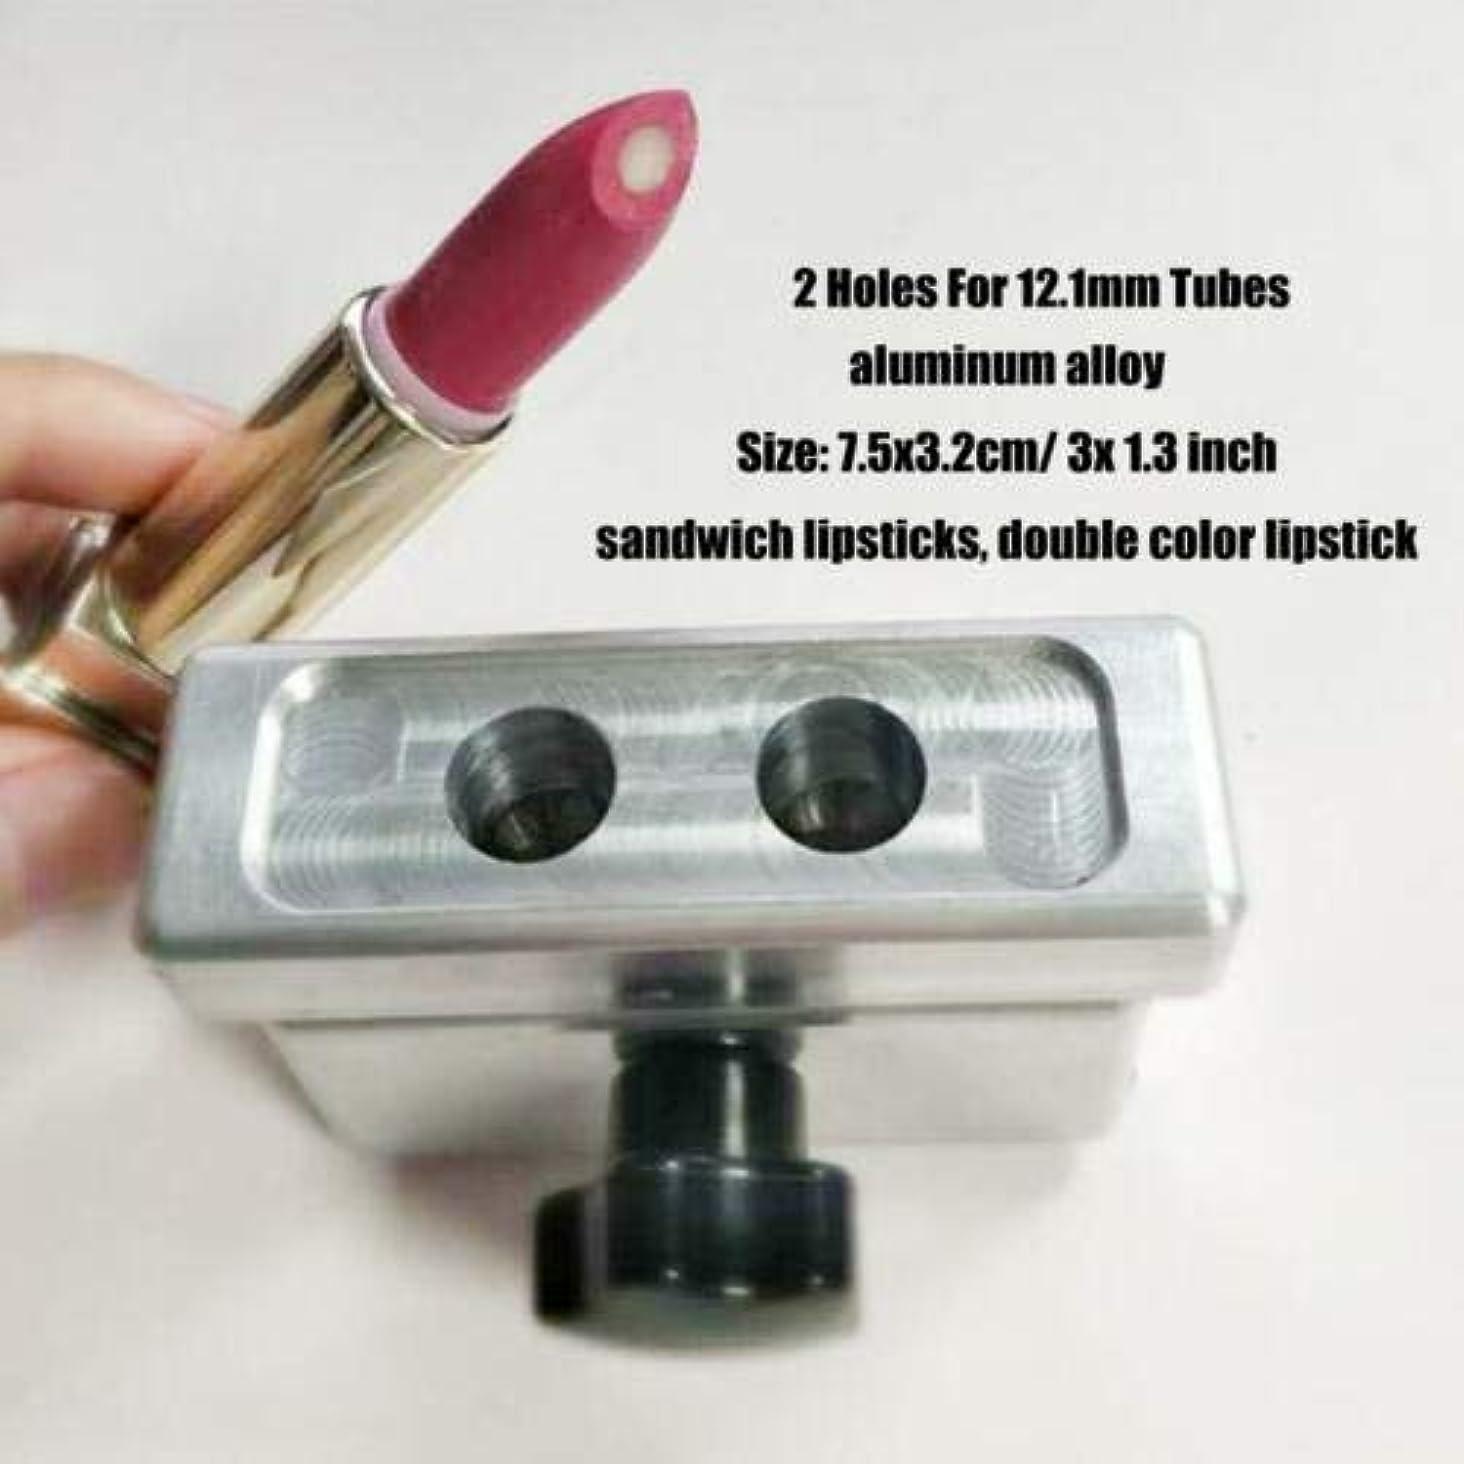 コーナー局邪悪なFidgetGear DIY口紅型リップスティック型メーカー2 4 6穴用9 mm 11.1 mm 12.1 mmチューブ #5(2穴12.1mm)